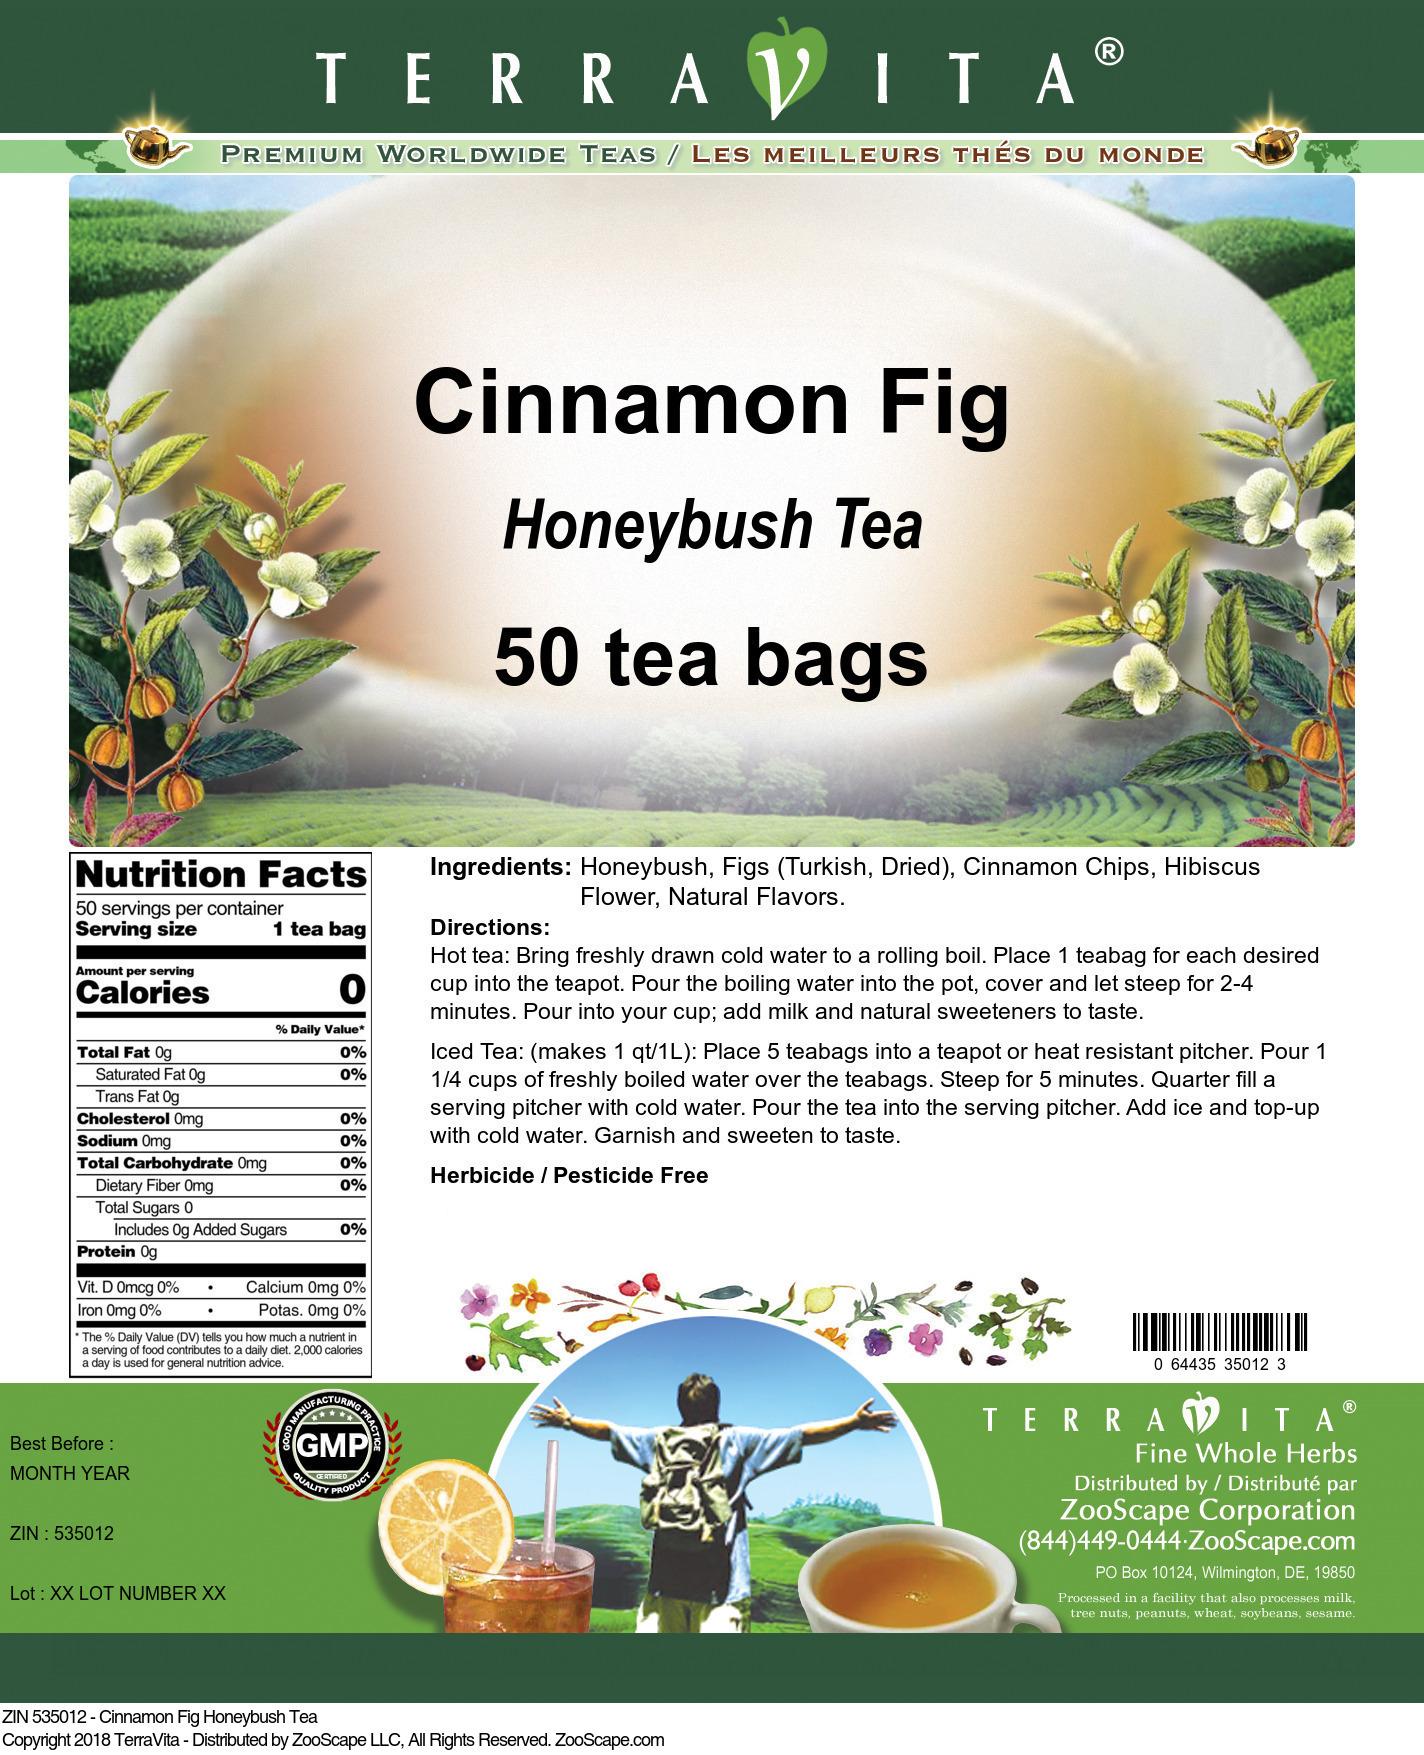 Cinnamon Fig Honeybush Tea